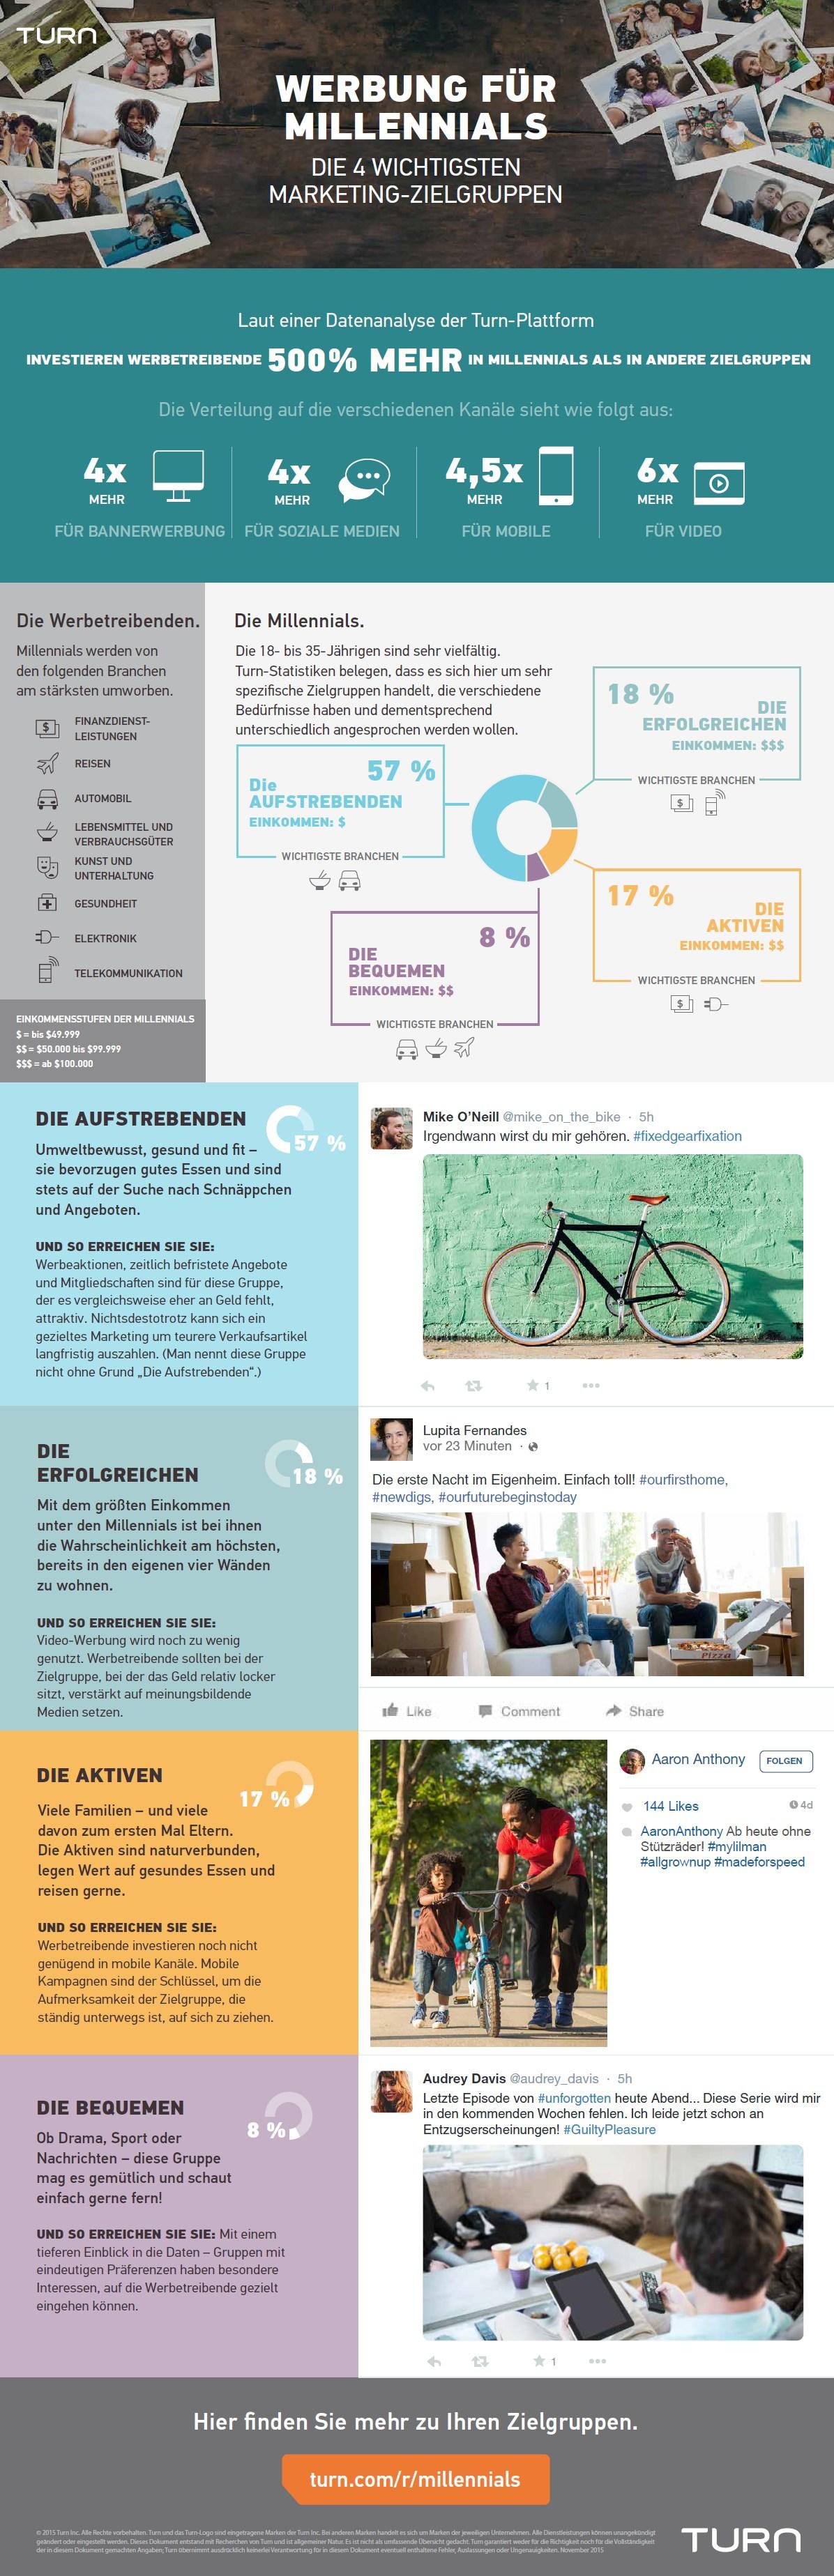 infografik turn zielgruppe millennials